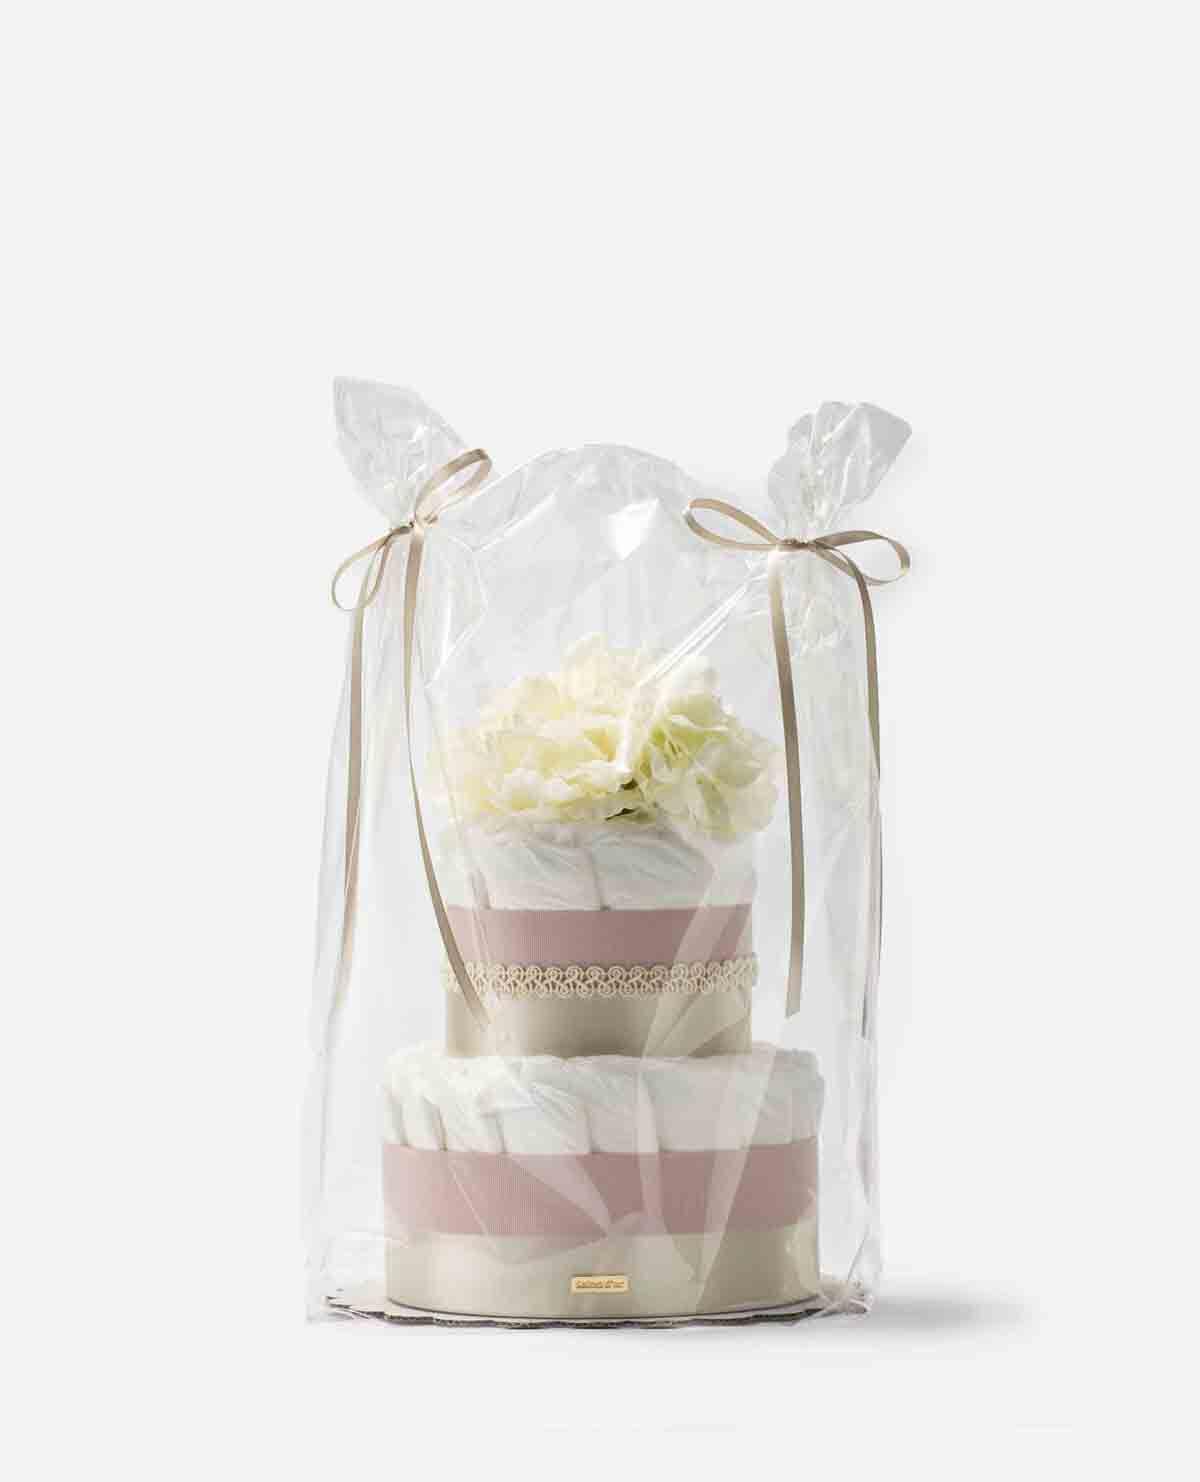 おむつケーキ ムードマーク 限定 デザイン ピンク